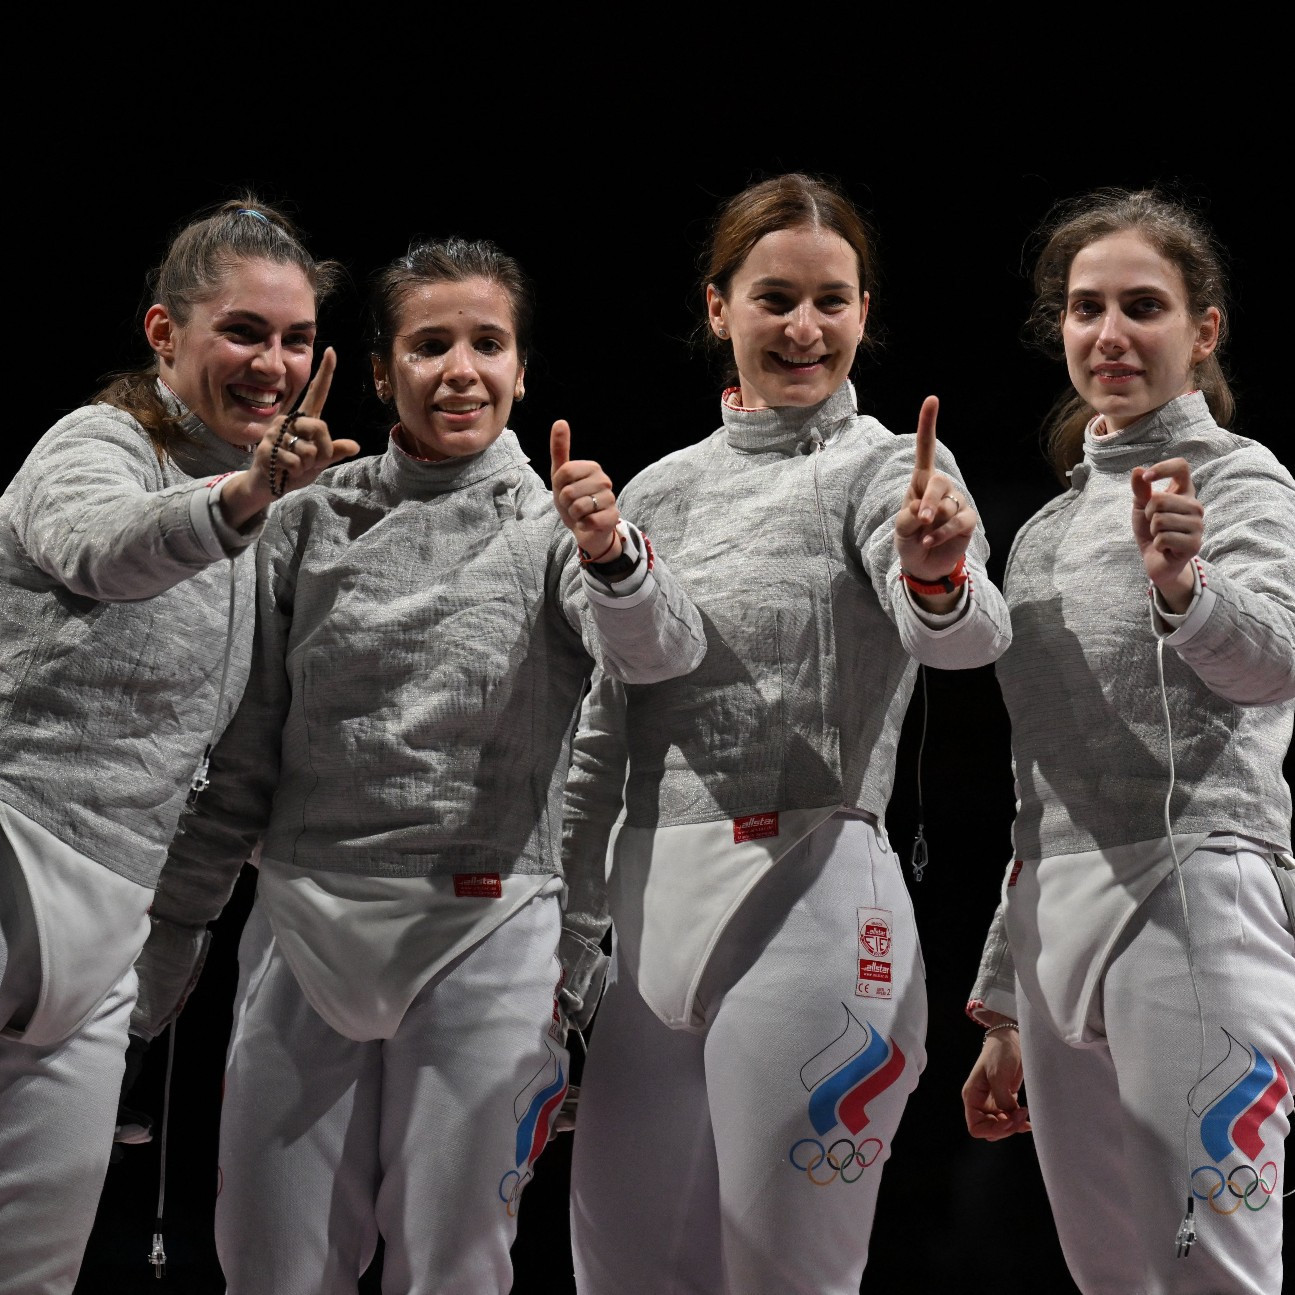 Women's sabre fencing team